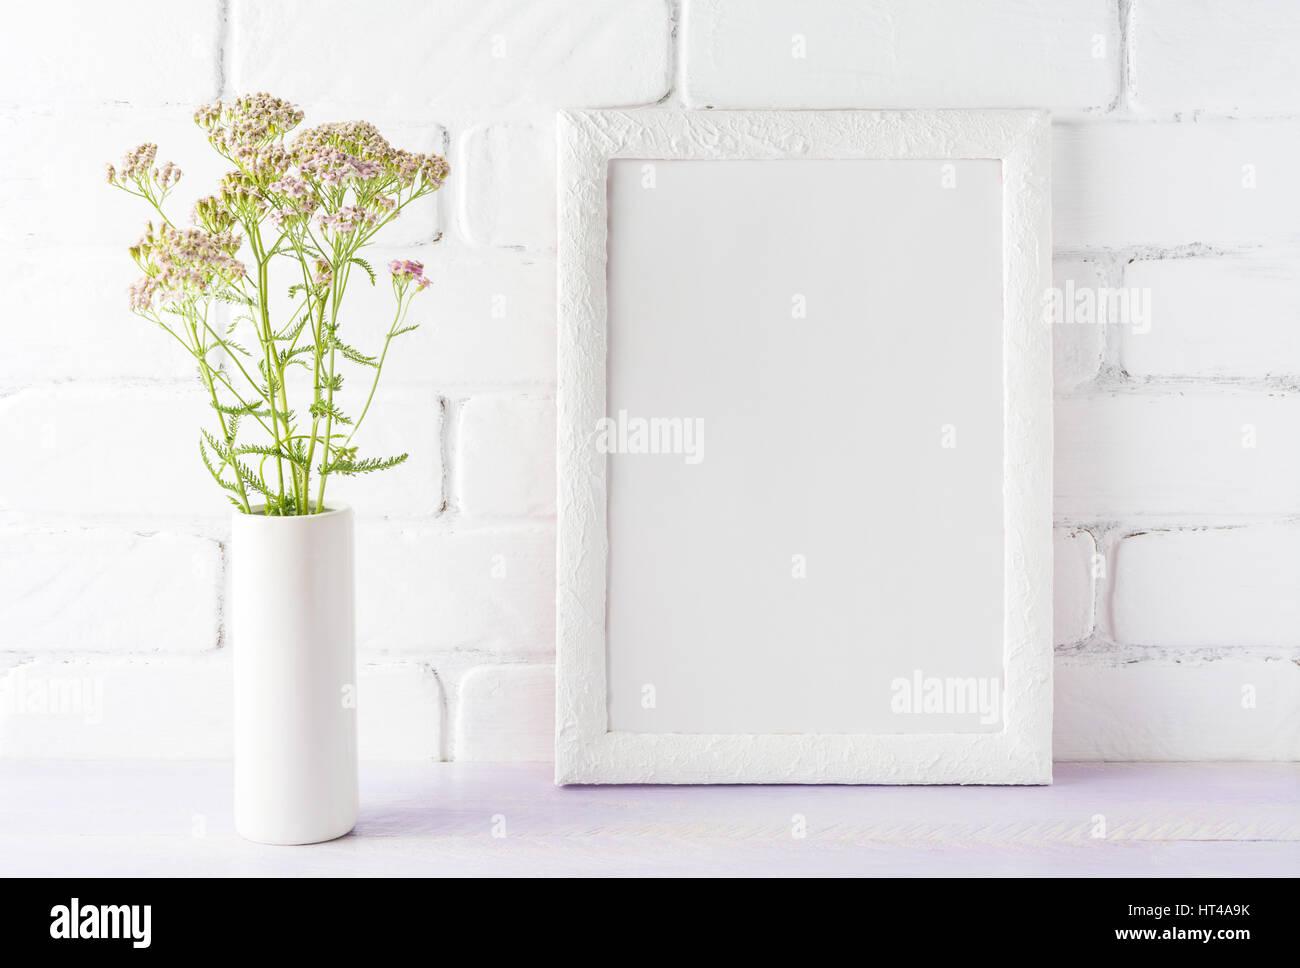 Weißer Rahmen Mockup mit cremigen rosa Blüten im Zylinder Vase in ...